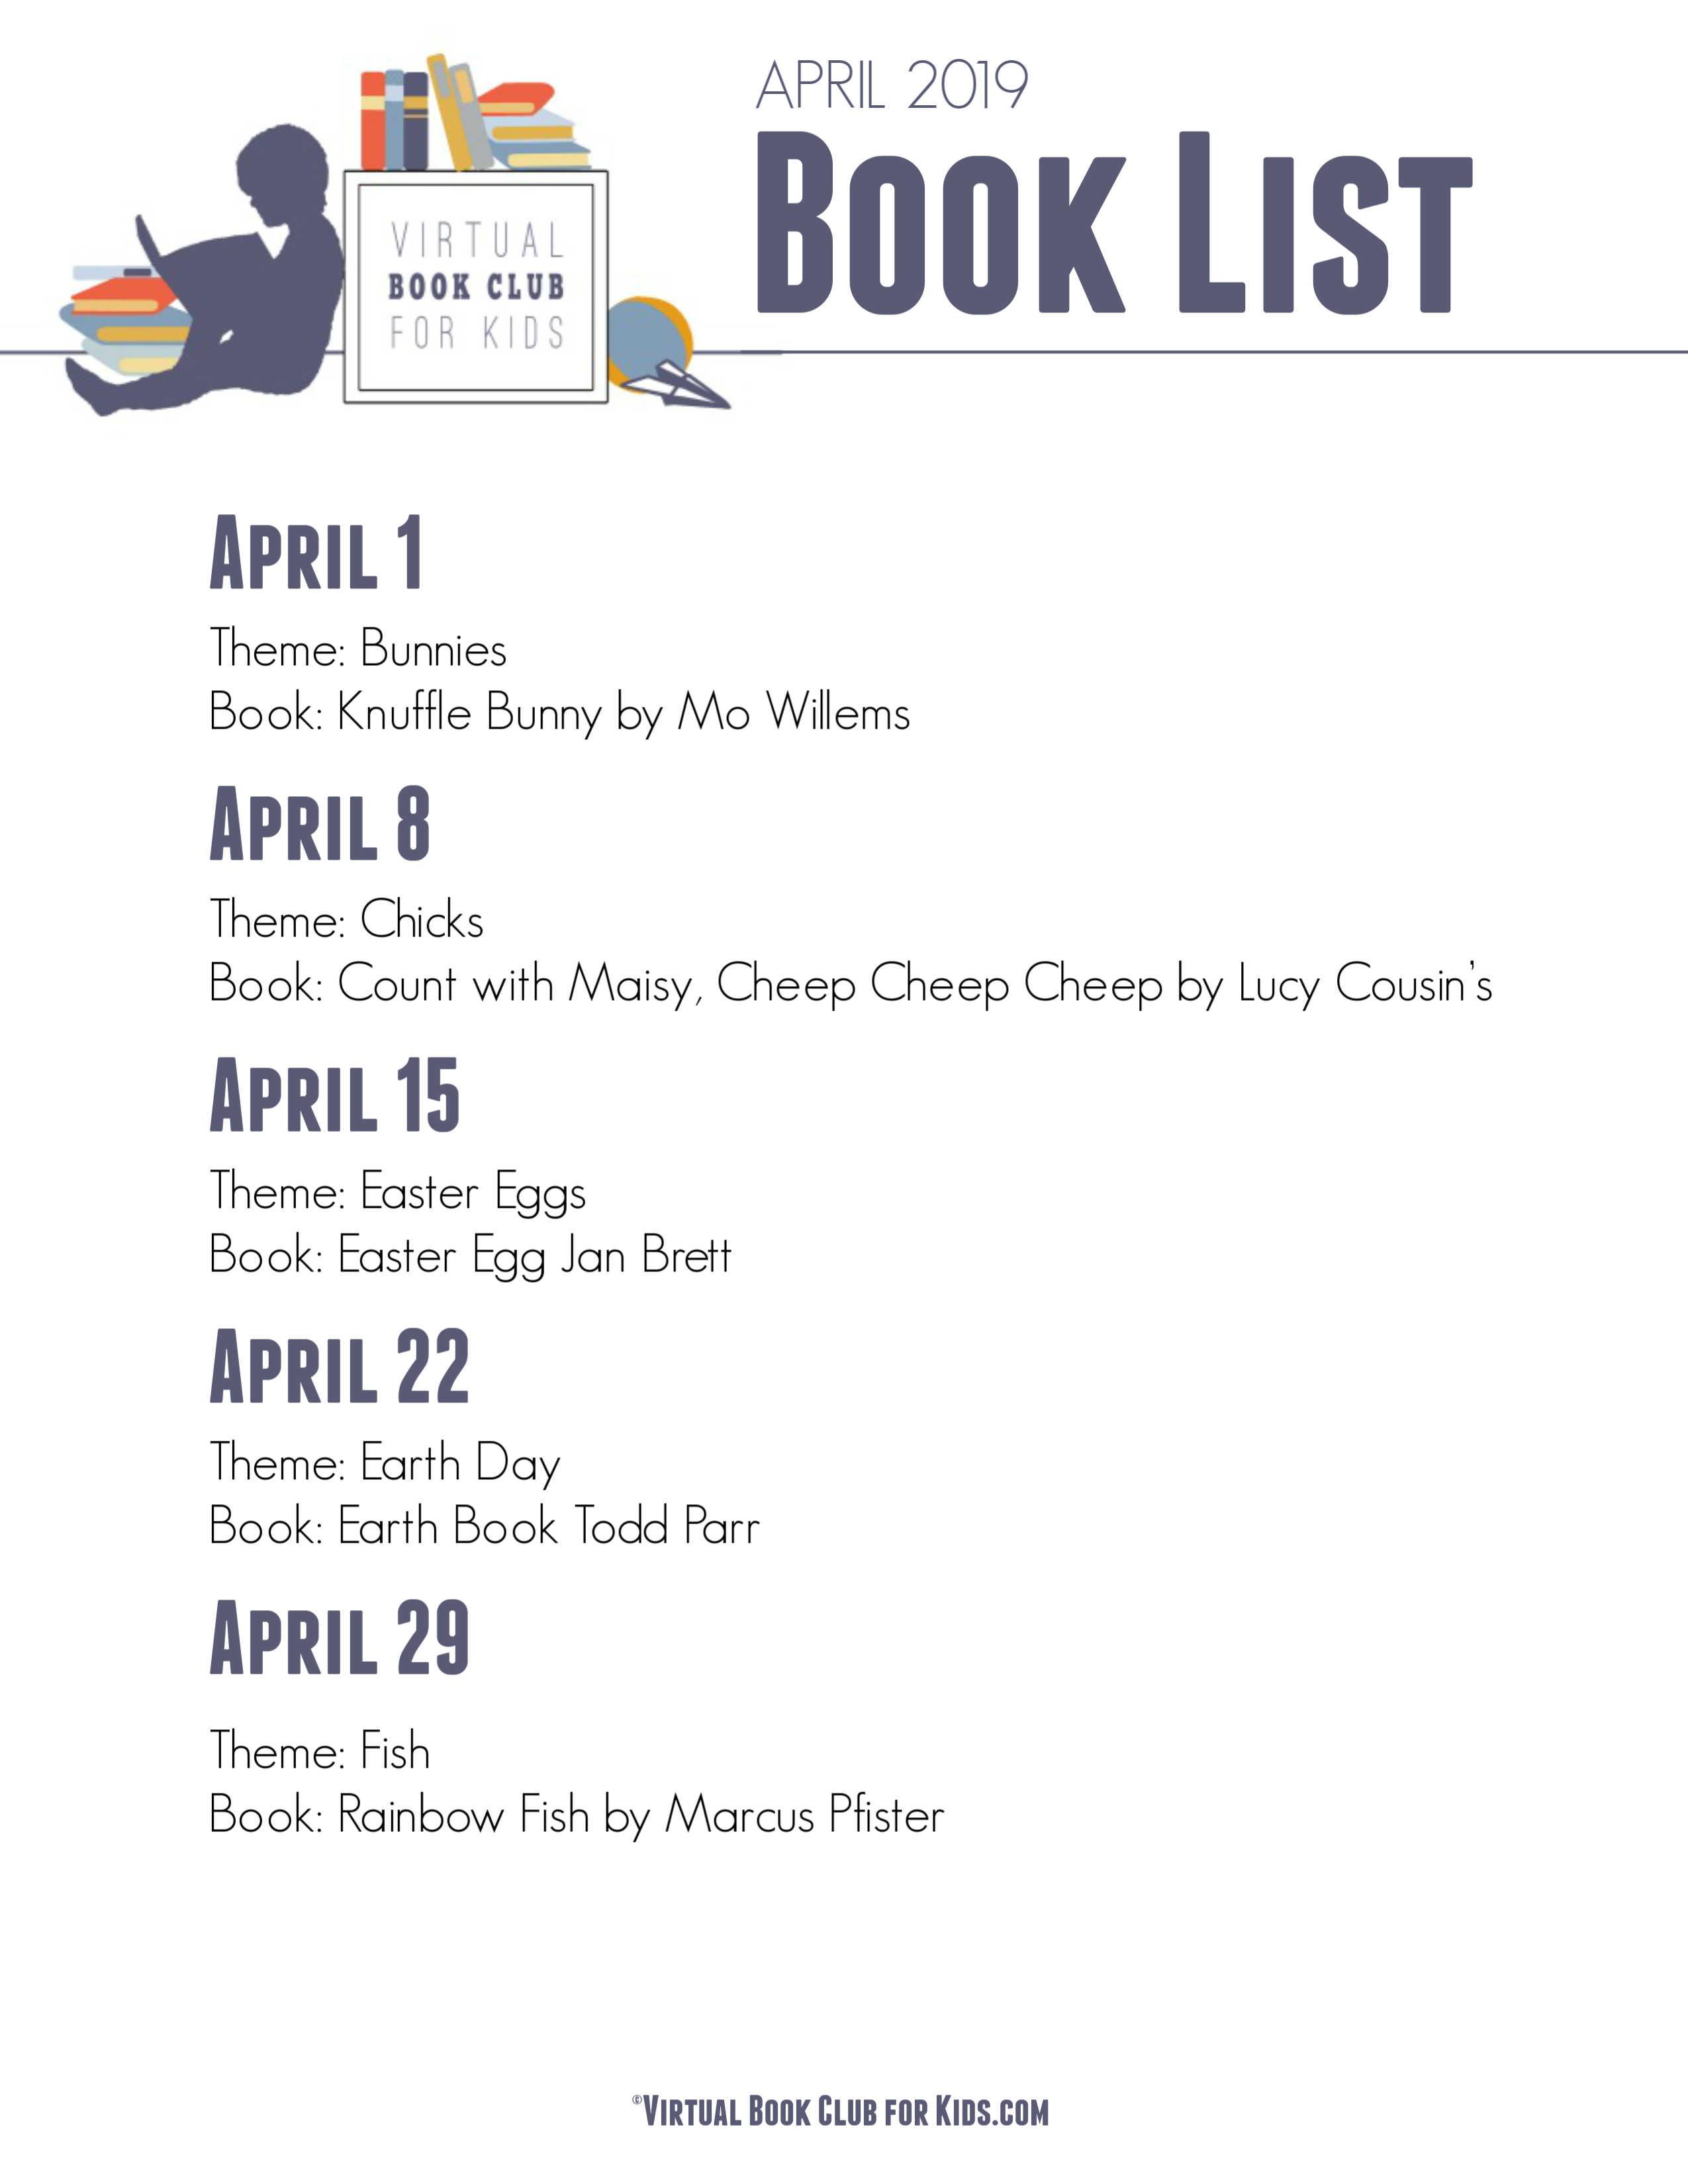 VBC BOOK LIST April 2019